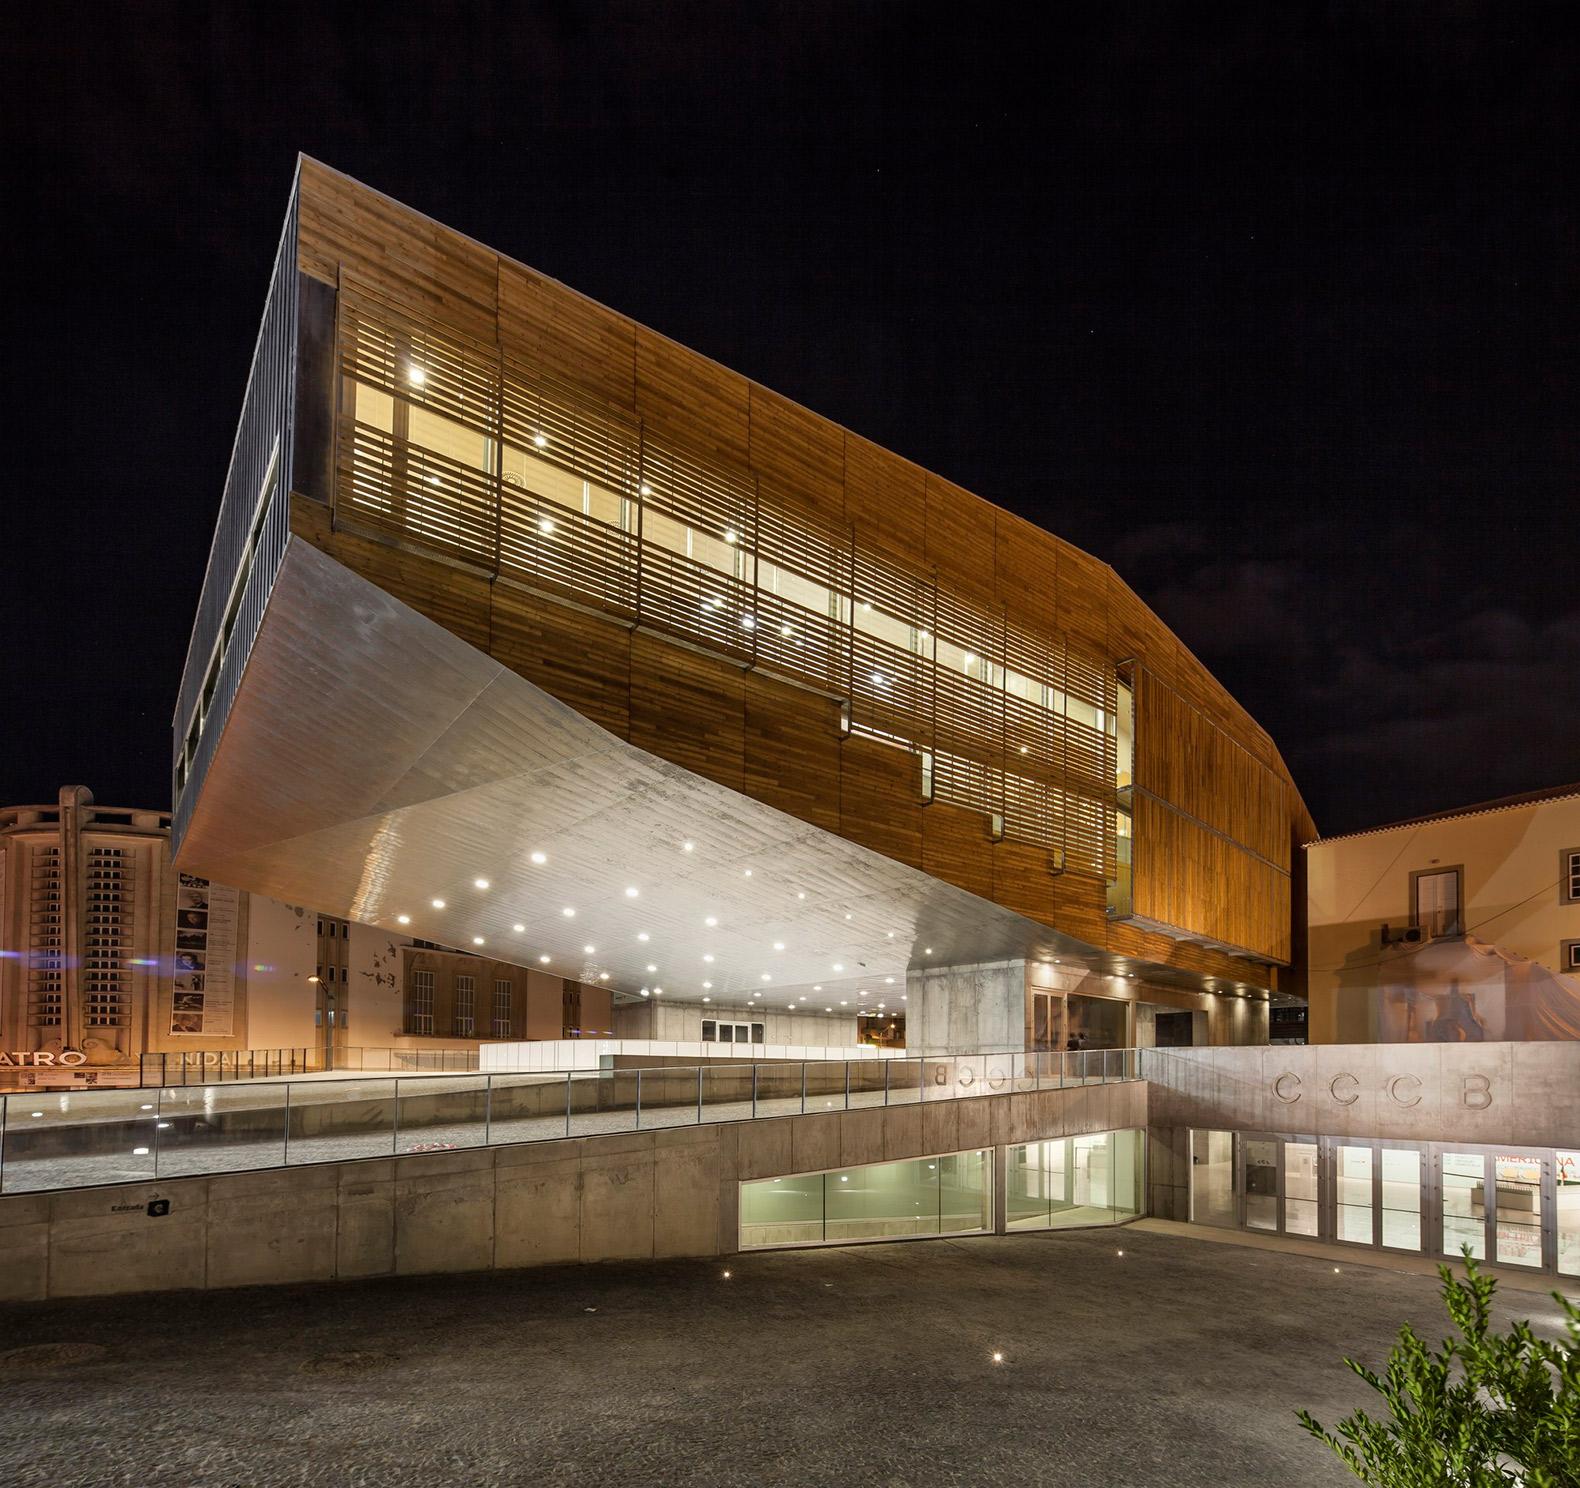 Vista nocturna de la entrada al Centro Cultural. Centro Cultural en Castelo Branco por Josep Lluis Mateo. Fotografía ©Adrià Goula